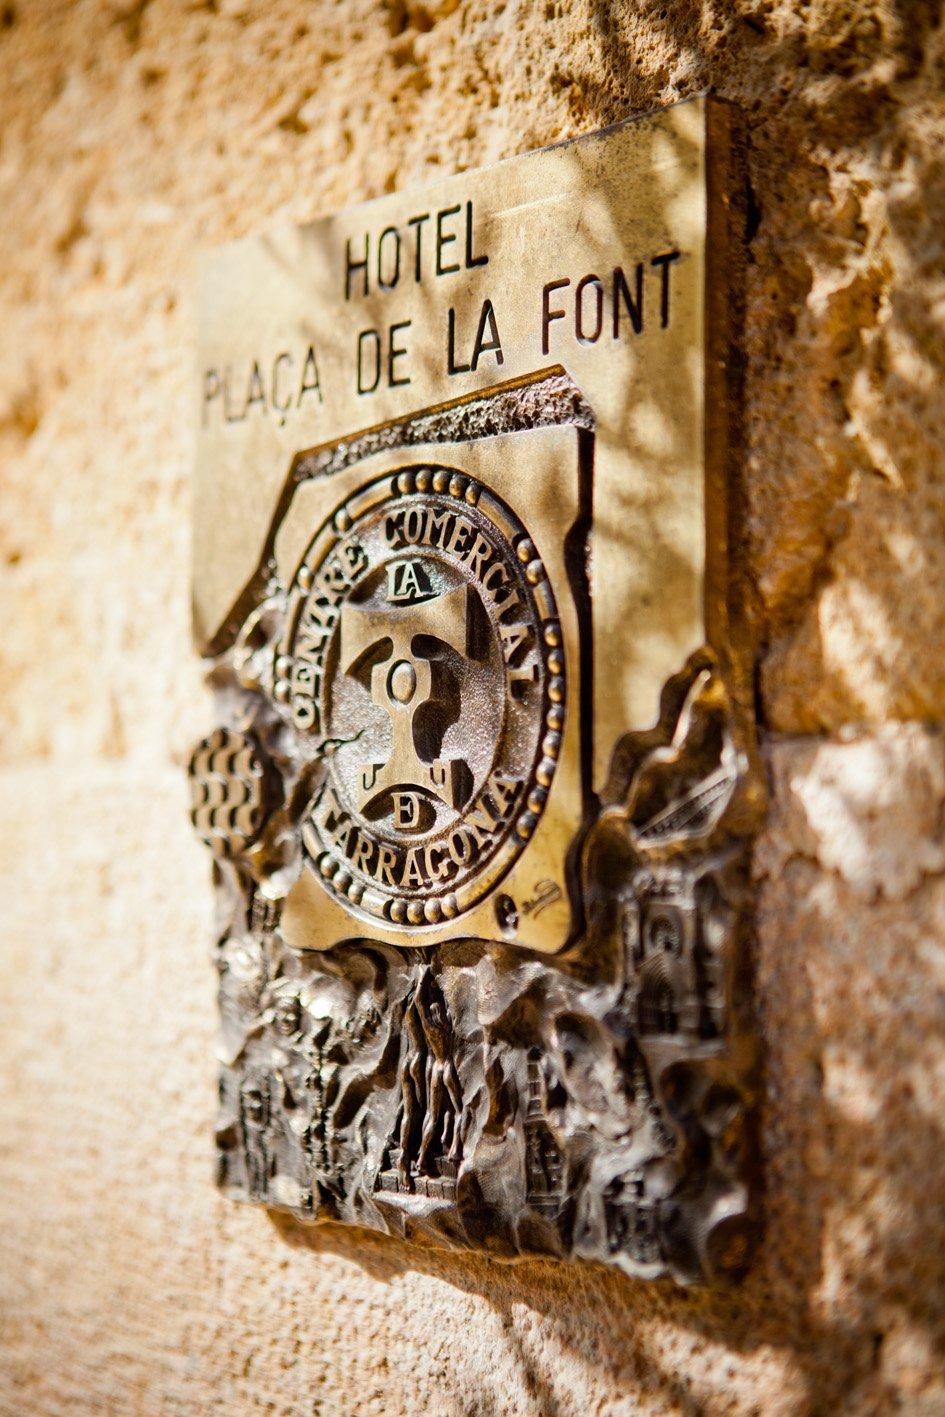 hotel_la_fontnombre_del_documento_13-b58d8f47451be3fa6d7ef50fec6dcae0